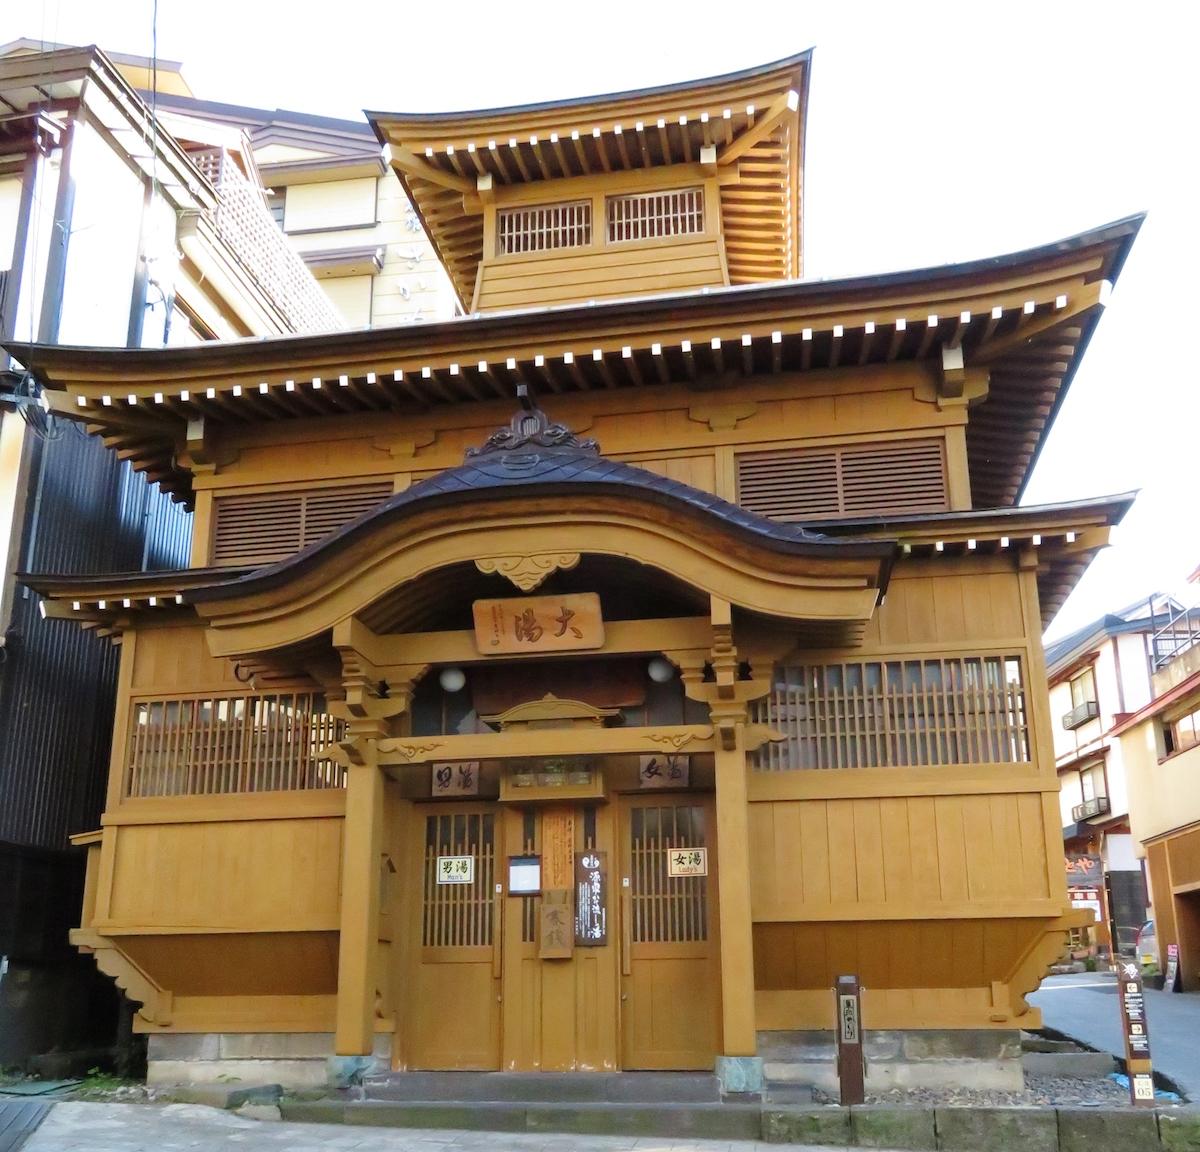 江戸時代の湯屋建築を再現した外湯(共同湯)のひとつ、大湯。野沢温泉のシンボル的存在だ